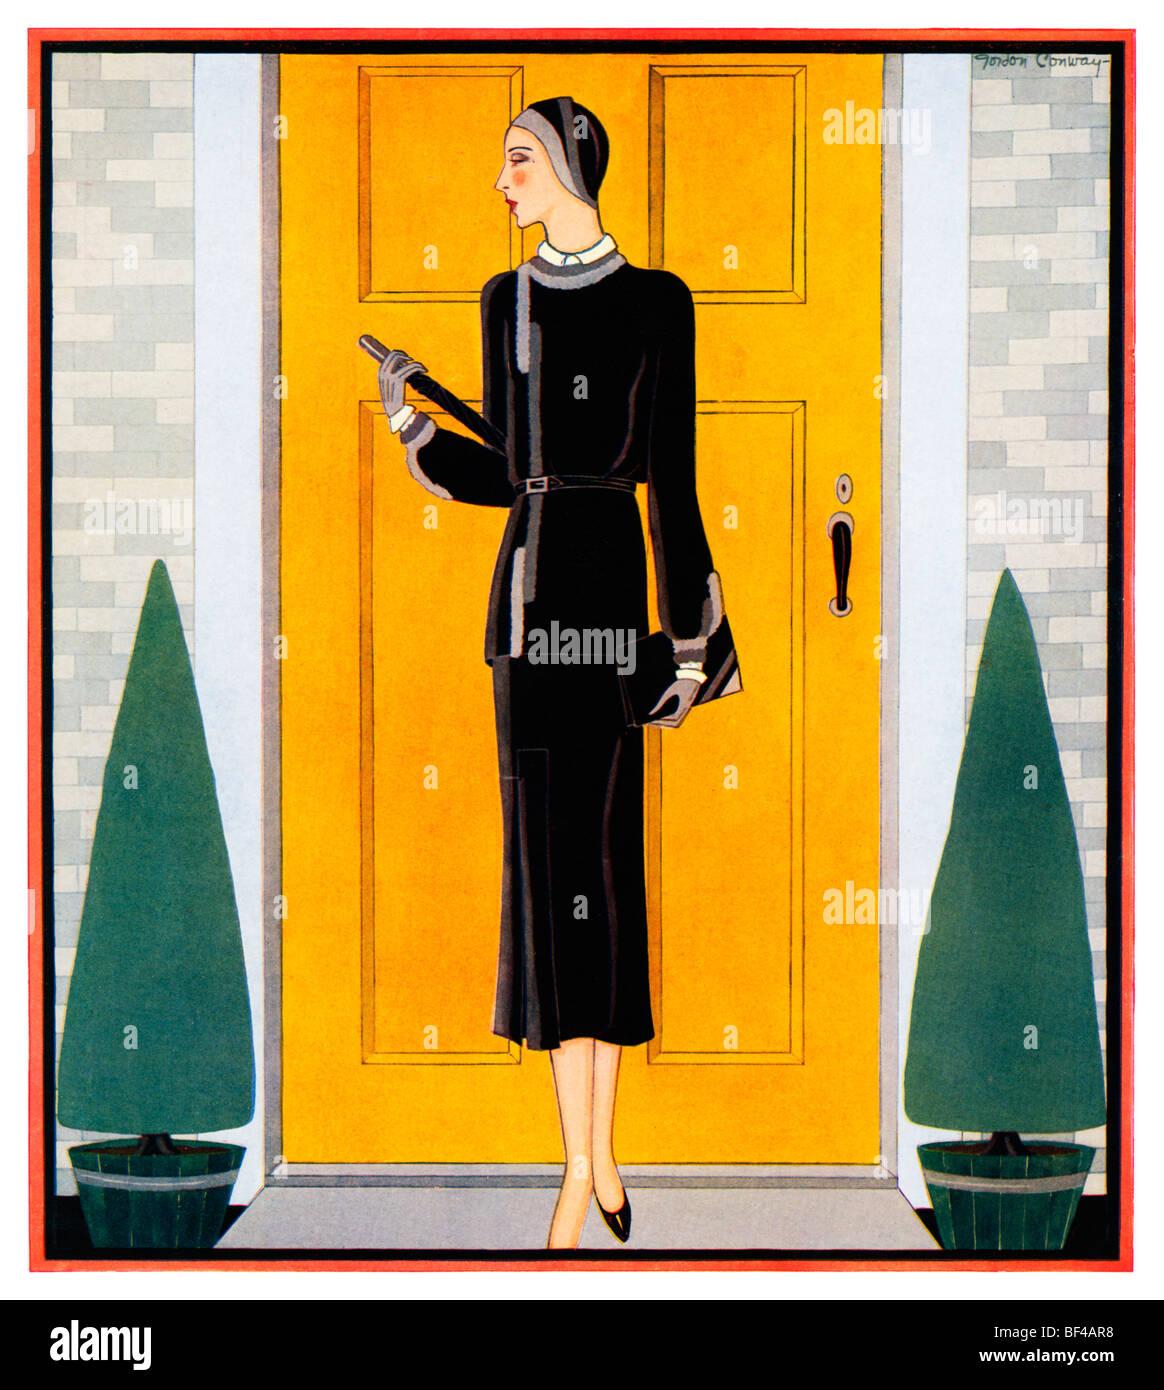 Inizio Autunno, bella 1930s illustrazione moda di una signora vestita per l'autunno davanti a una porta di colore Immagini Stock